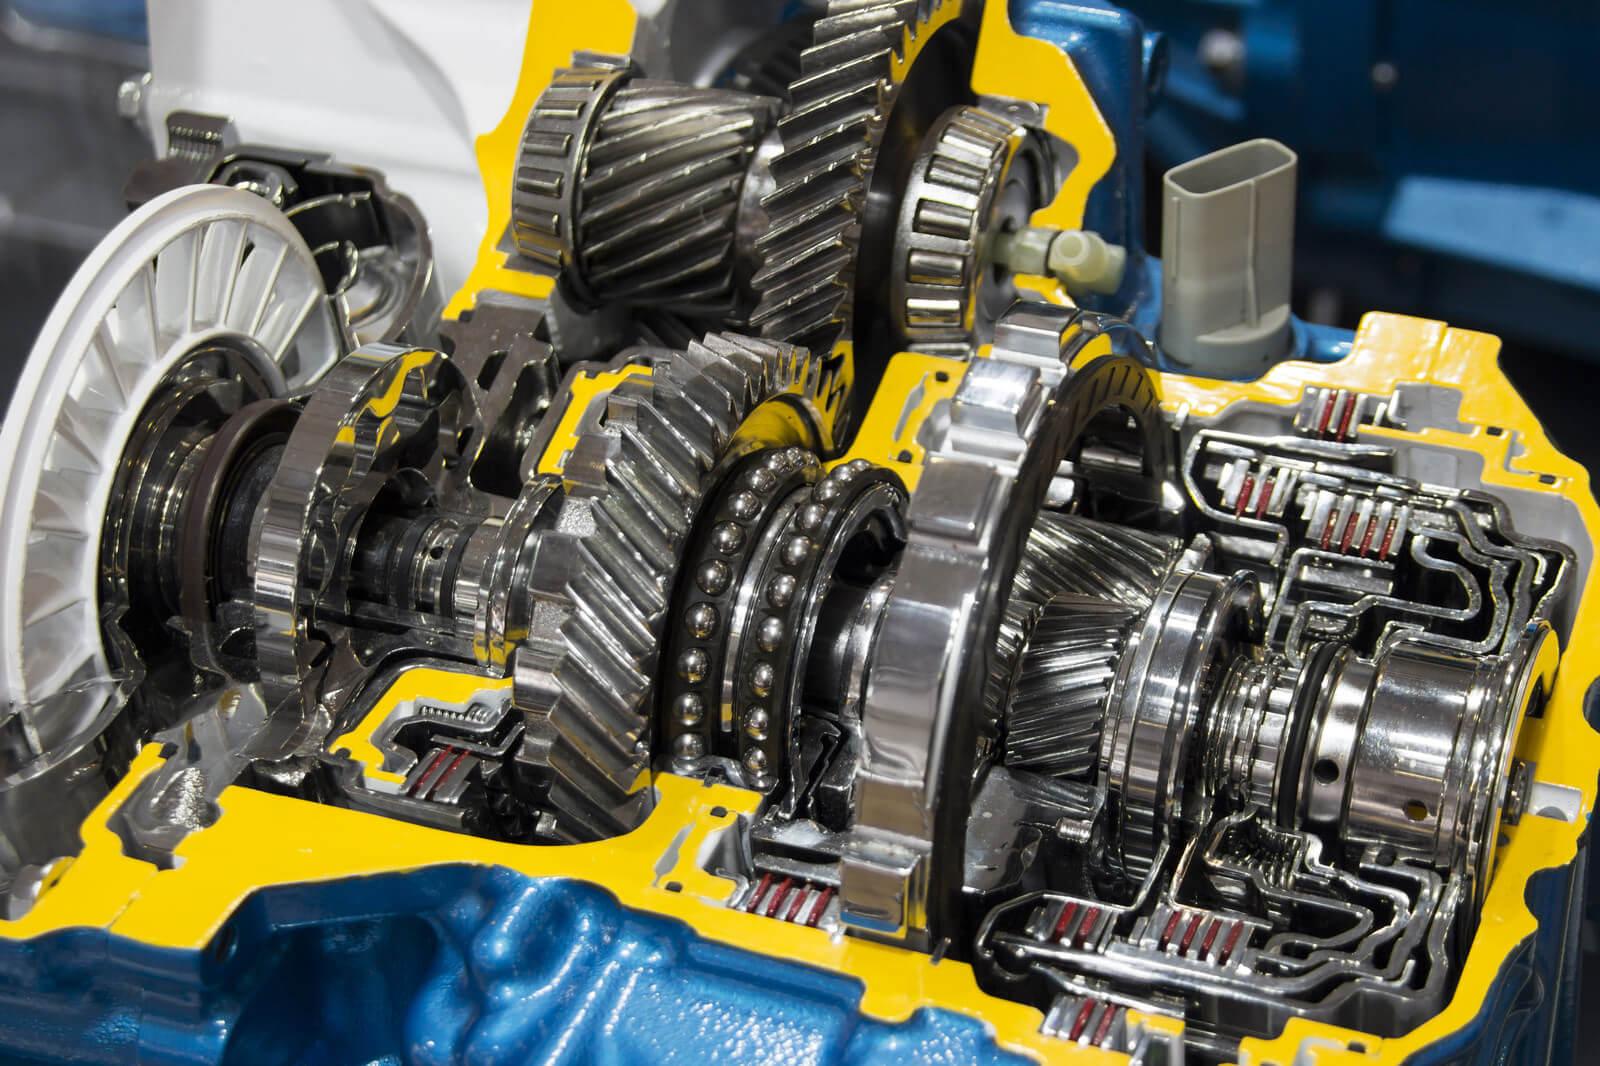 Transmission repair in houston thunderbolt engines for Thunderbolt motors and transmissions